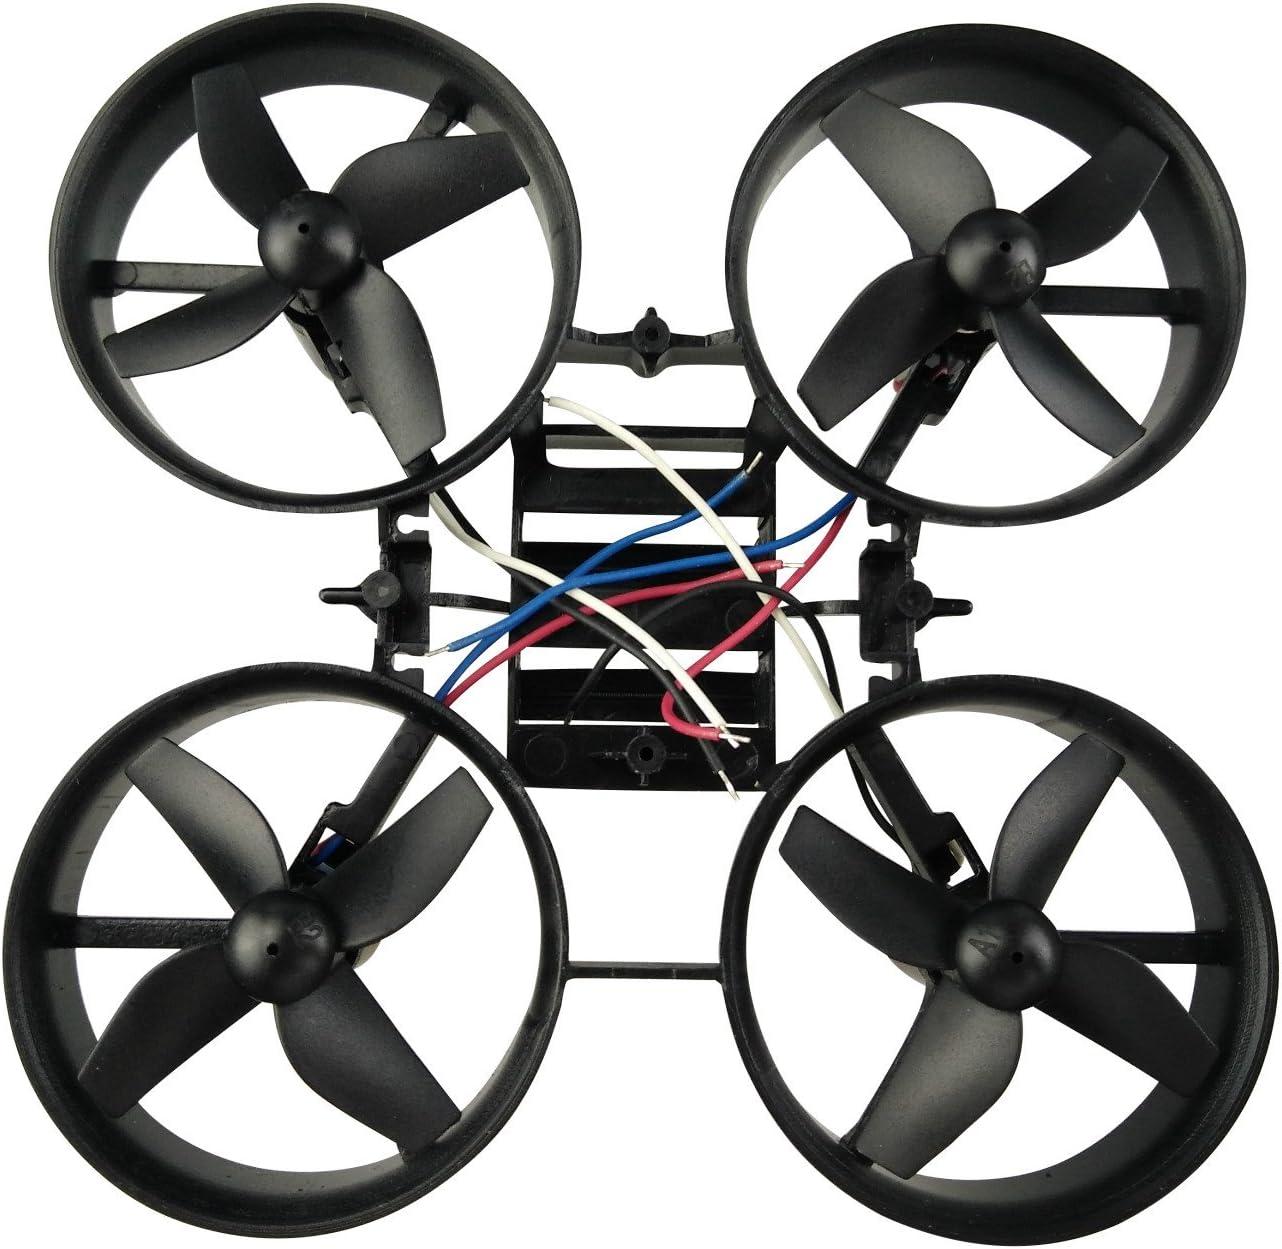 Solo Cuchilla UAV AKDSteel H/élices Cuchillas Props Micro Drone Repuestos para JJRC H36 RC Quadcopter 1 Juego de 4PCS